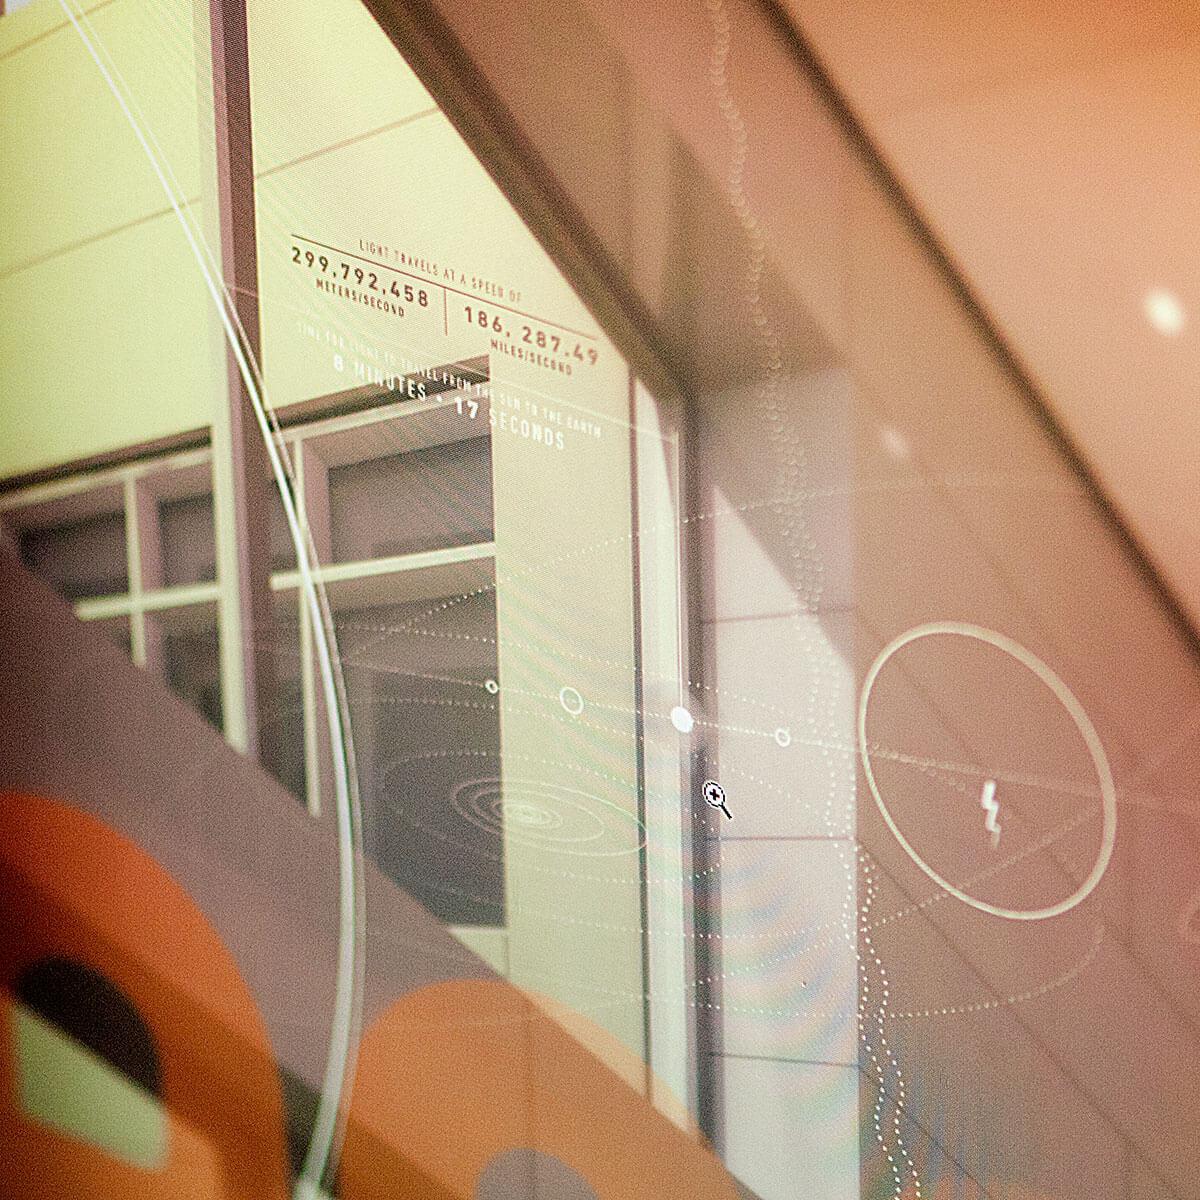 Interlocken Building Website Hero Image